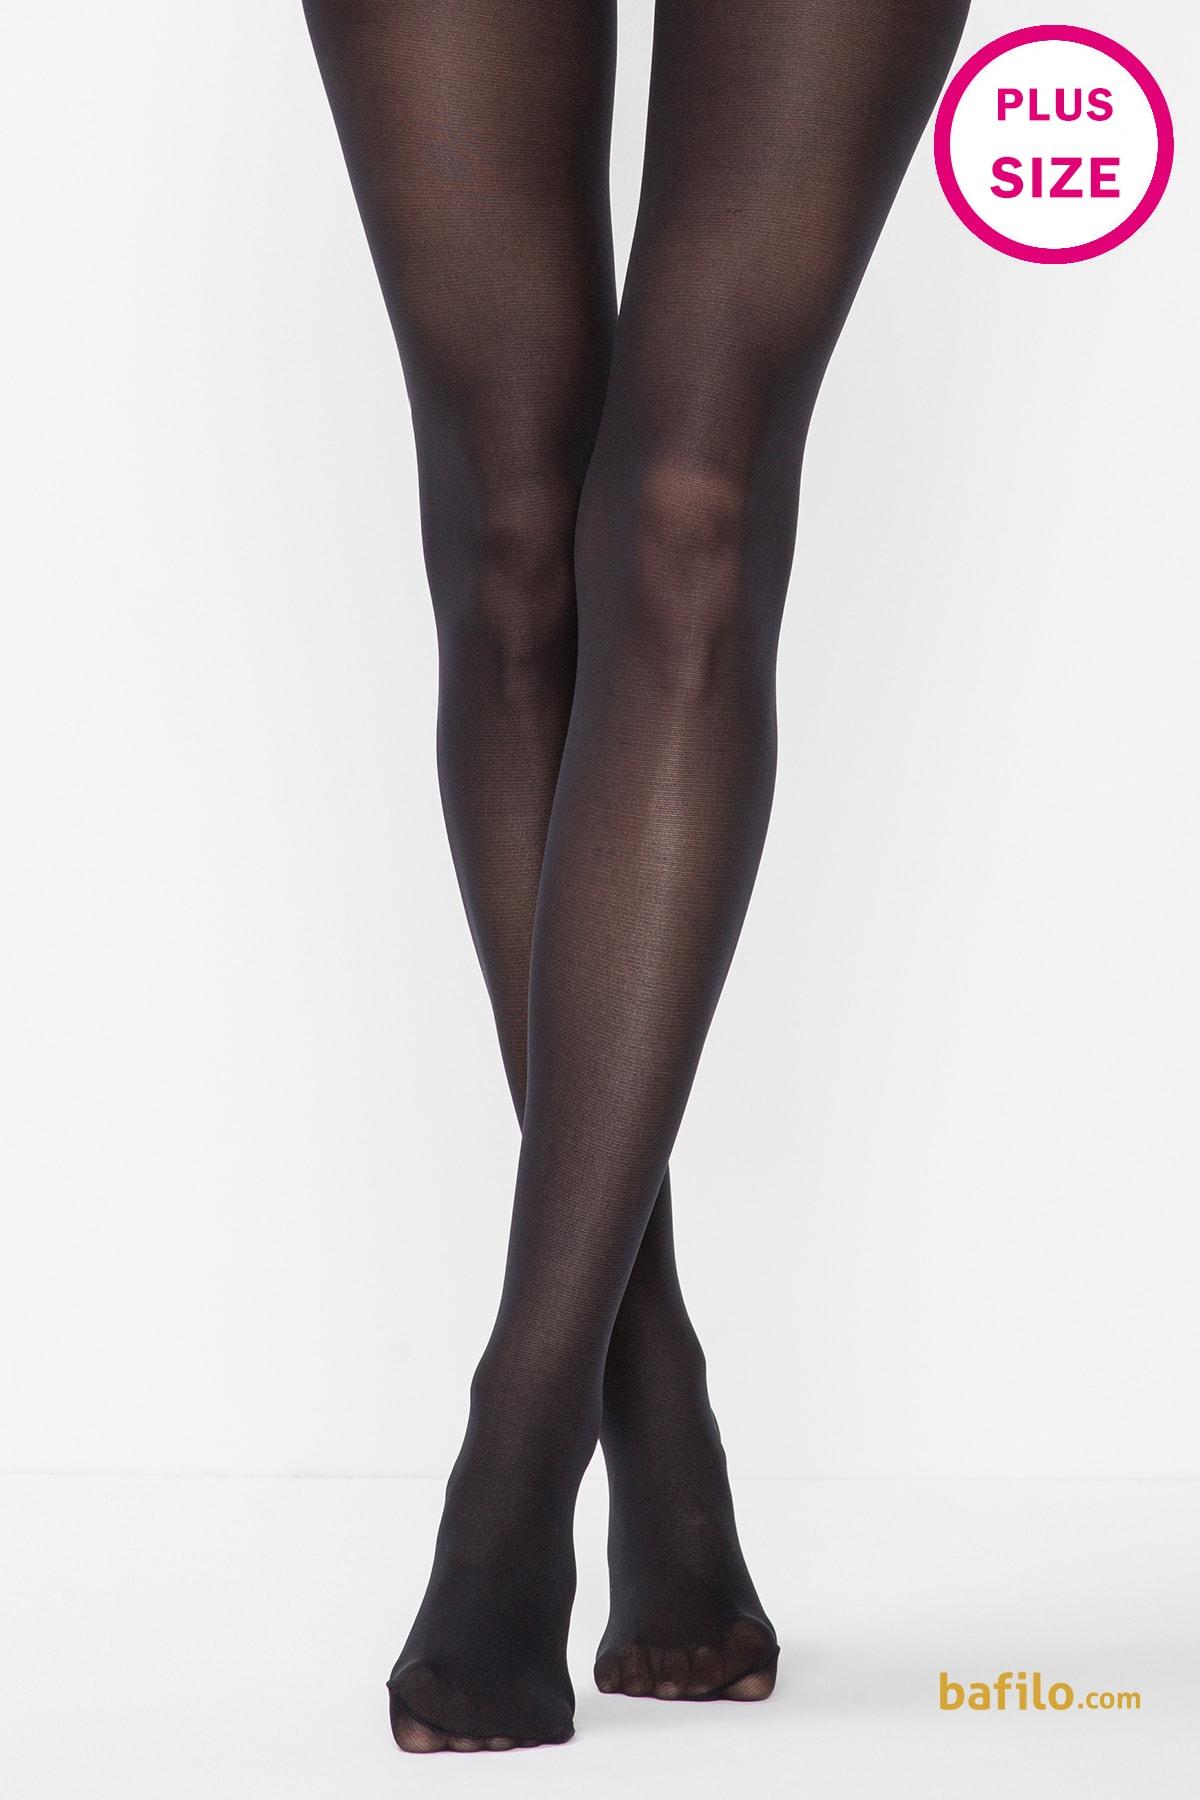 جوراب شلواری سایز بزرگ زنانه پنتی Mikro 40 مشکی